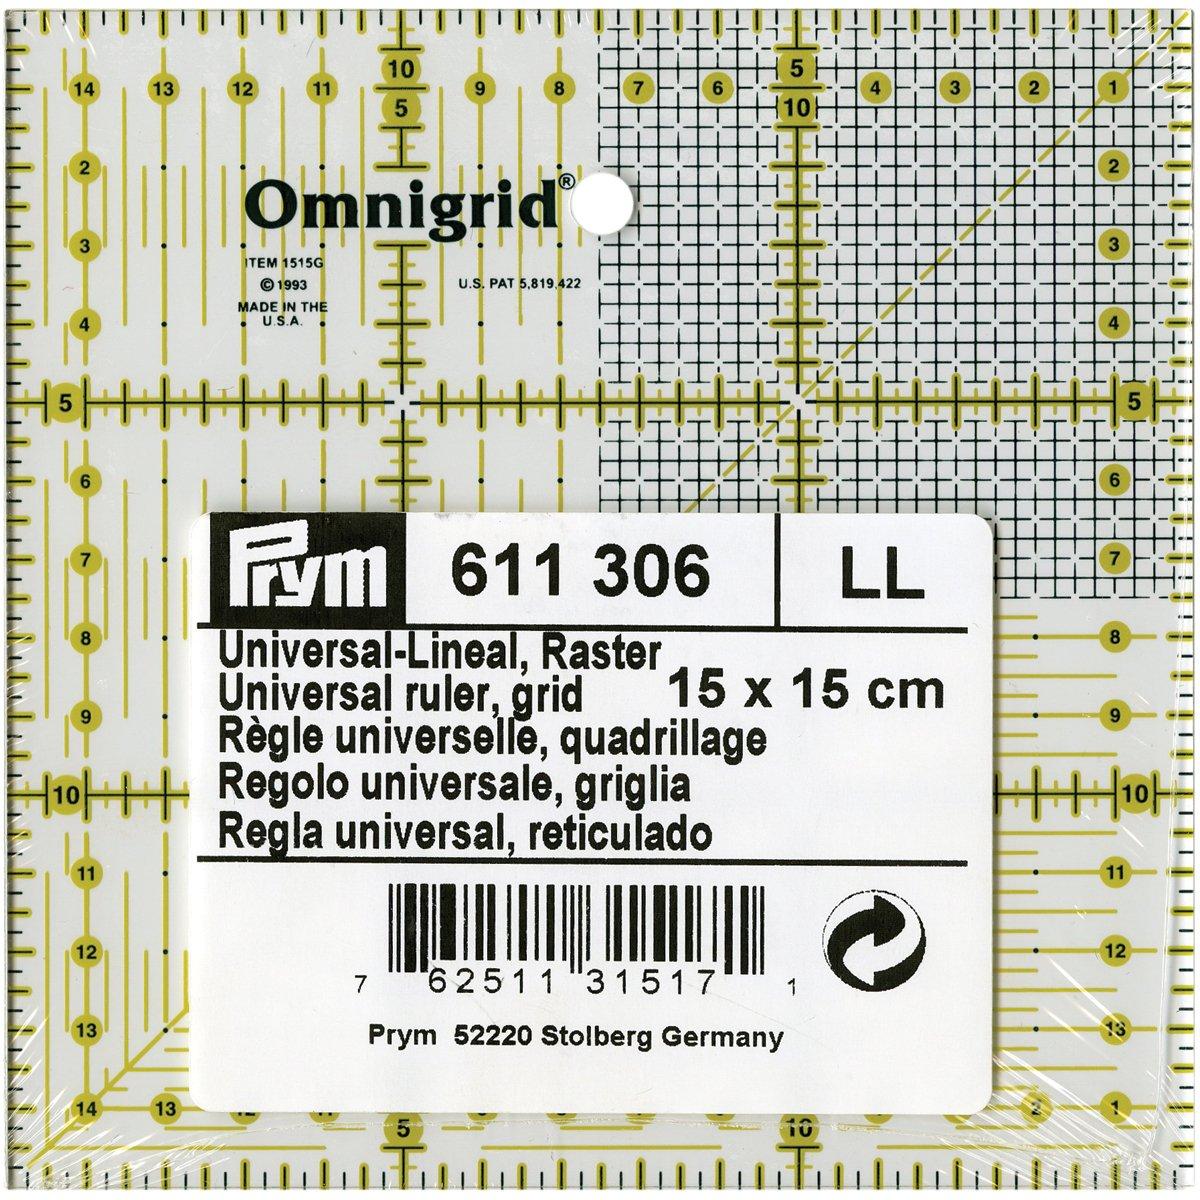 Prym universal-regla con Inch escala marca de 30 ° 45 ° 60 ° 611643 ángulos